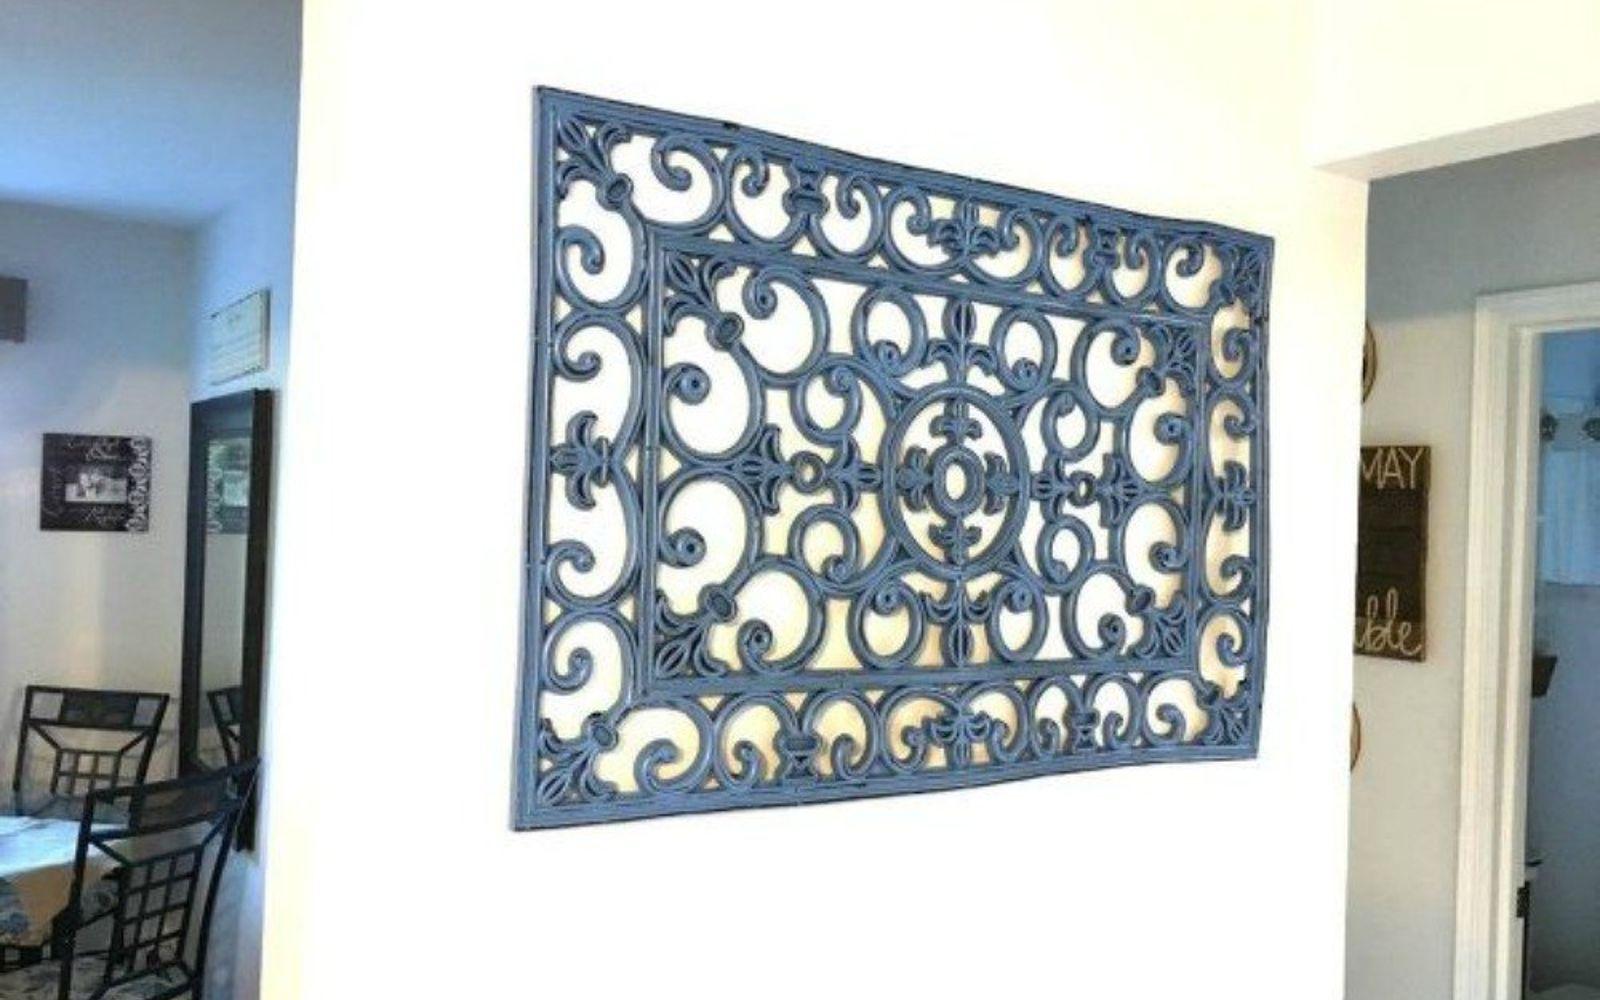 s 13 low budget ways to decorate your living room walls, go green, plumbing, Hang a rubber door mat